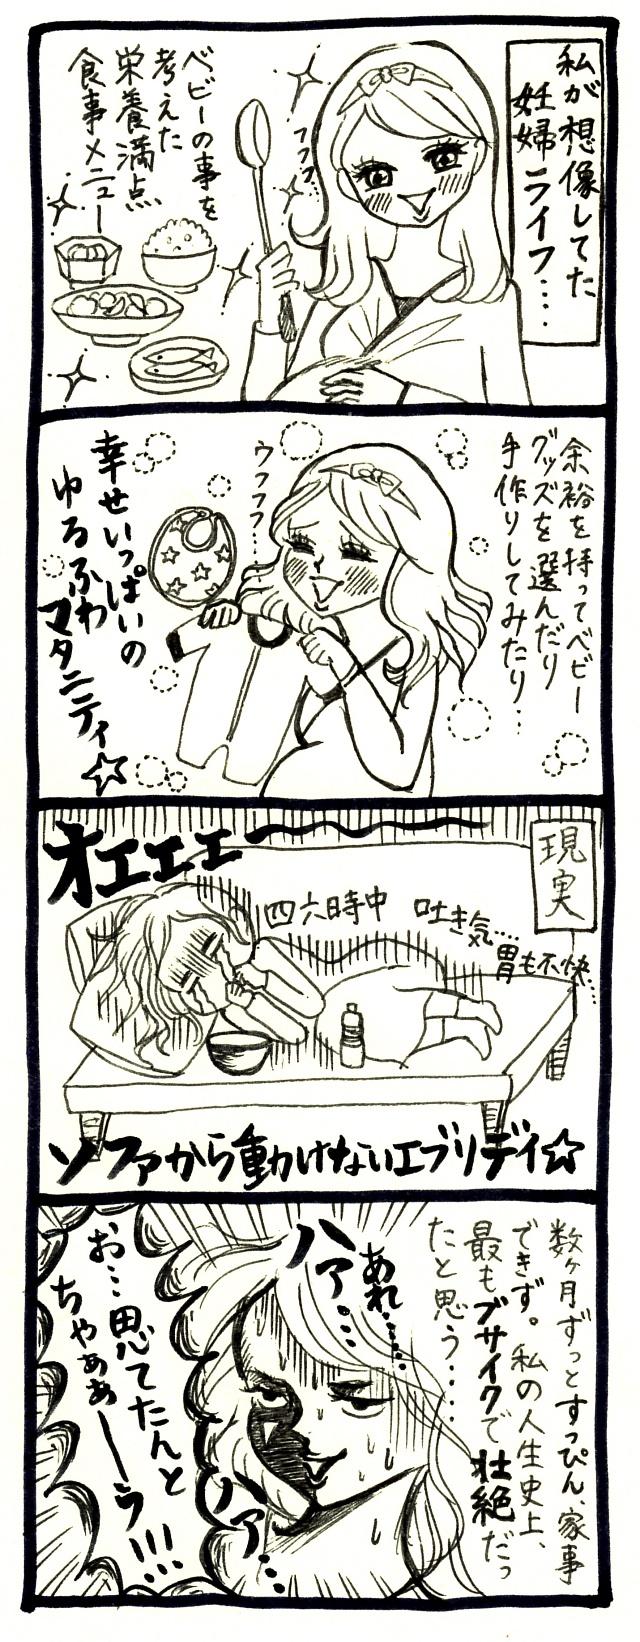 yopipiの妊娠発覚と悪阻との格闘